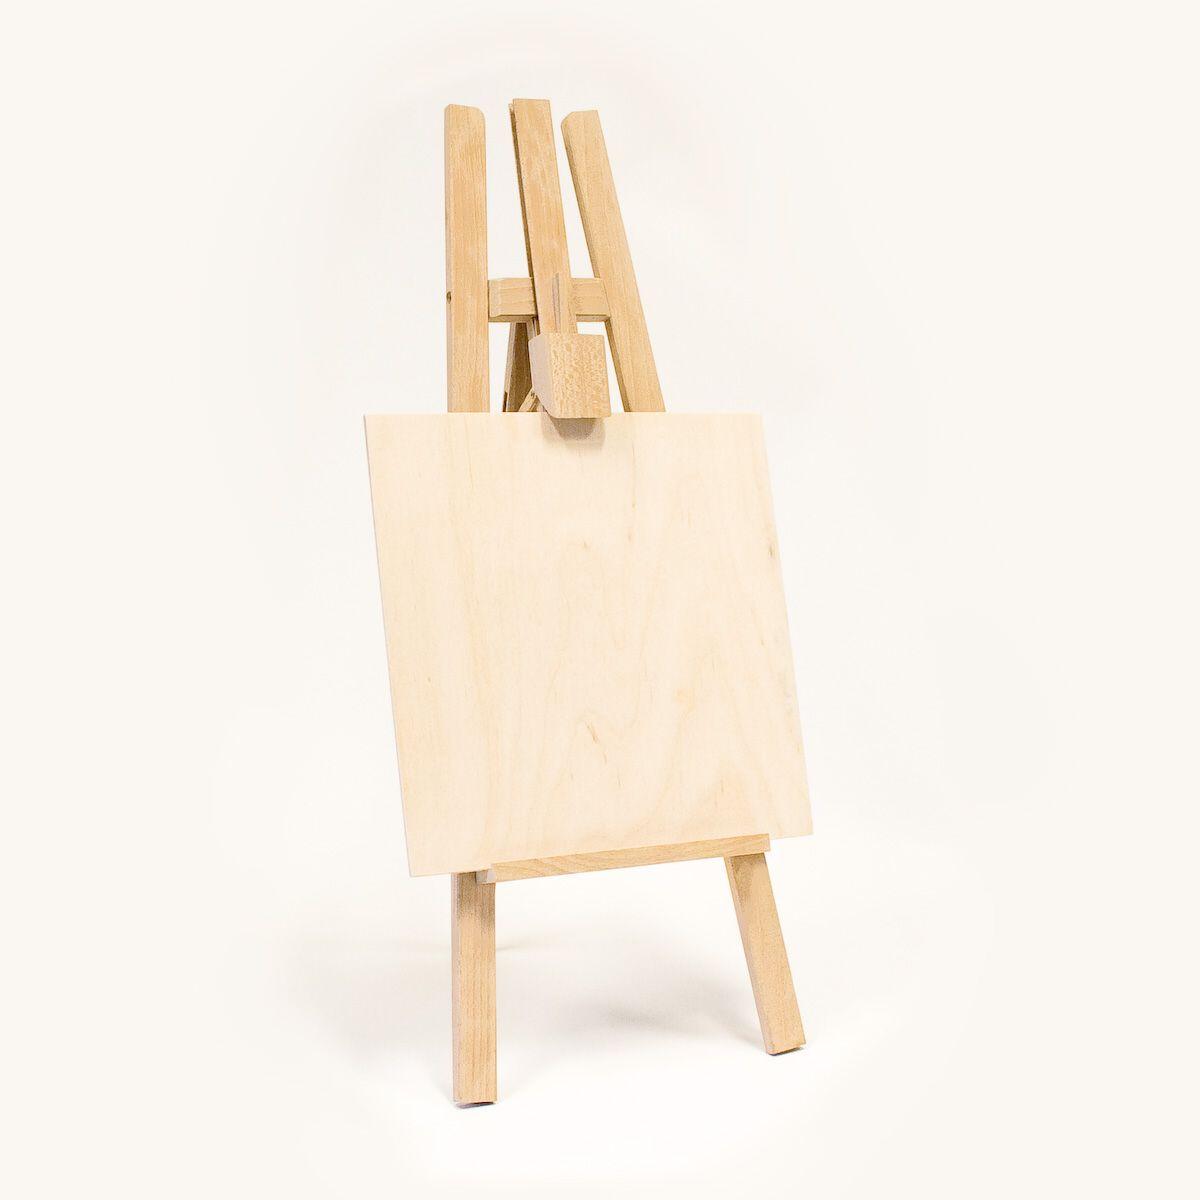 Malířský stojan na lavici